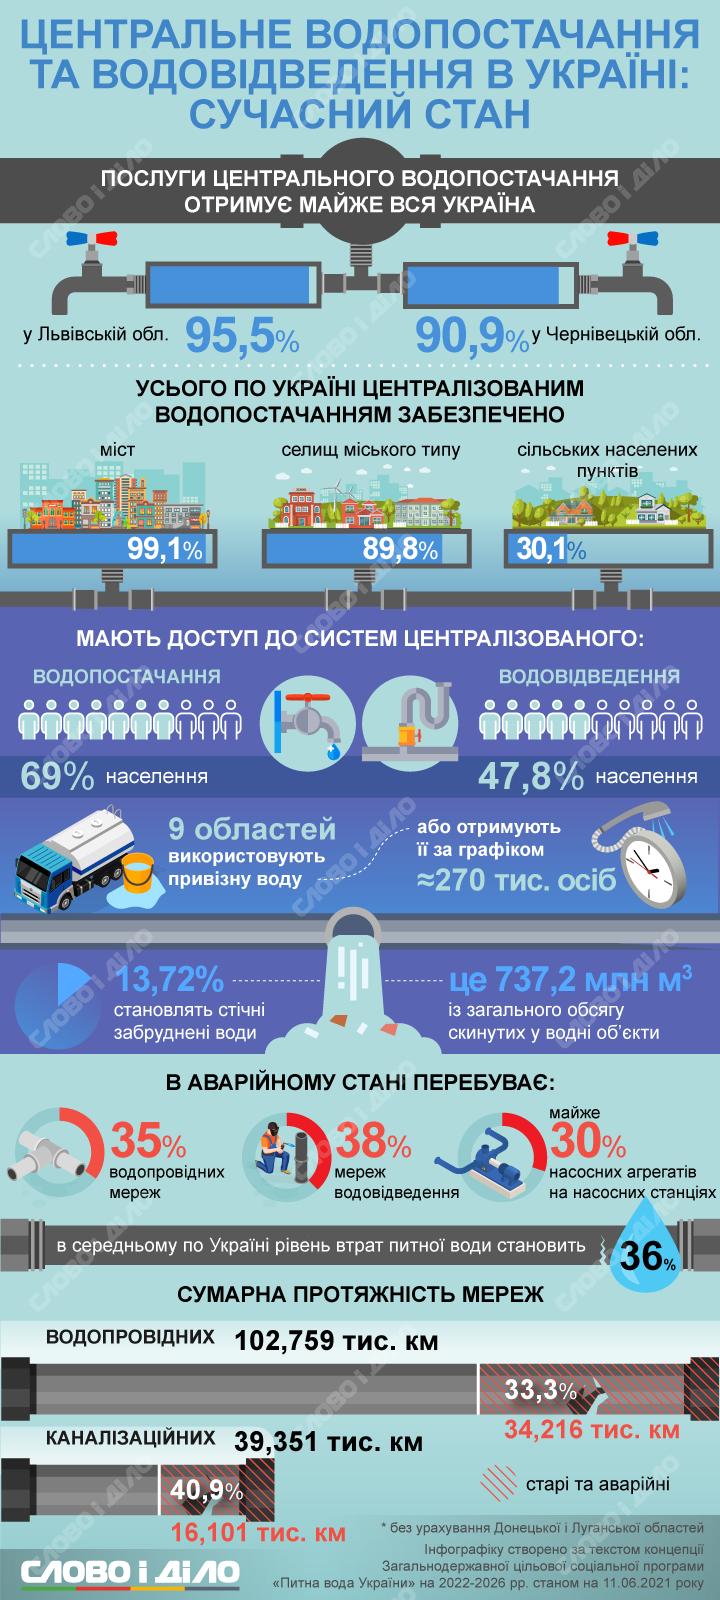 Системы водоснабжения в Украине